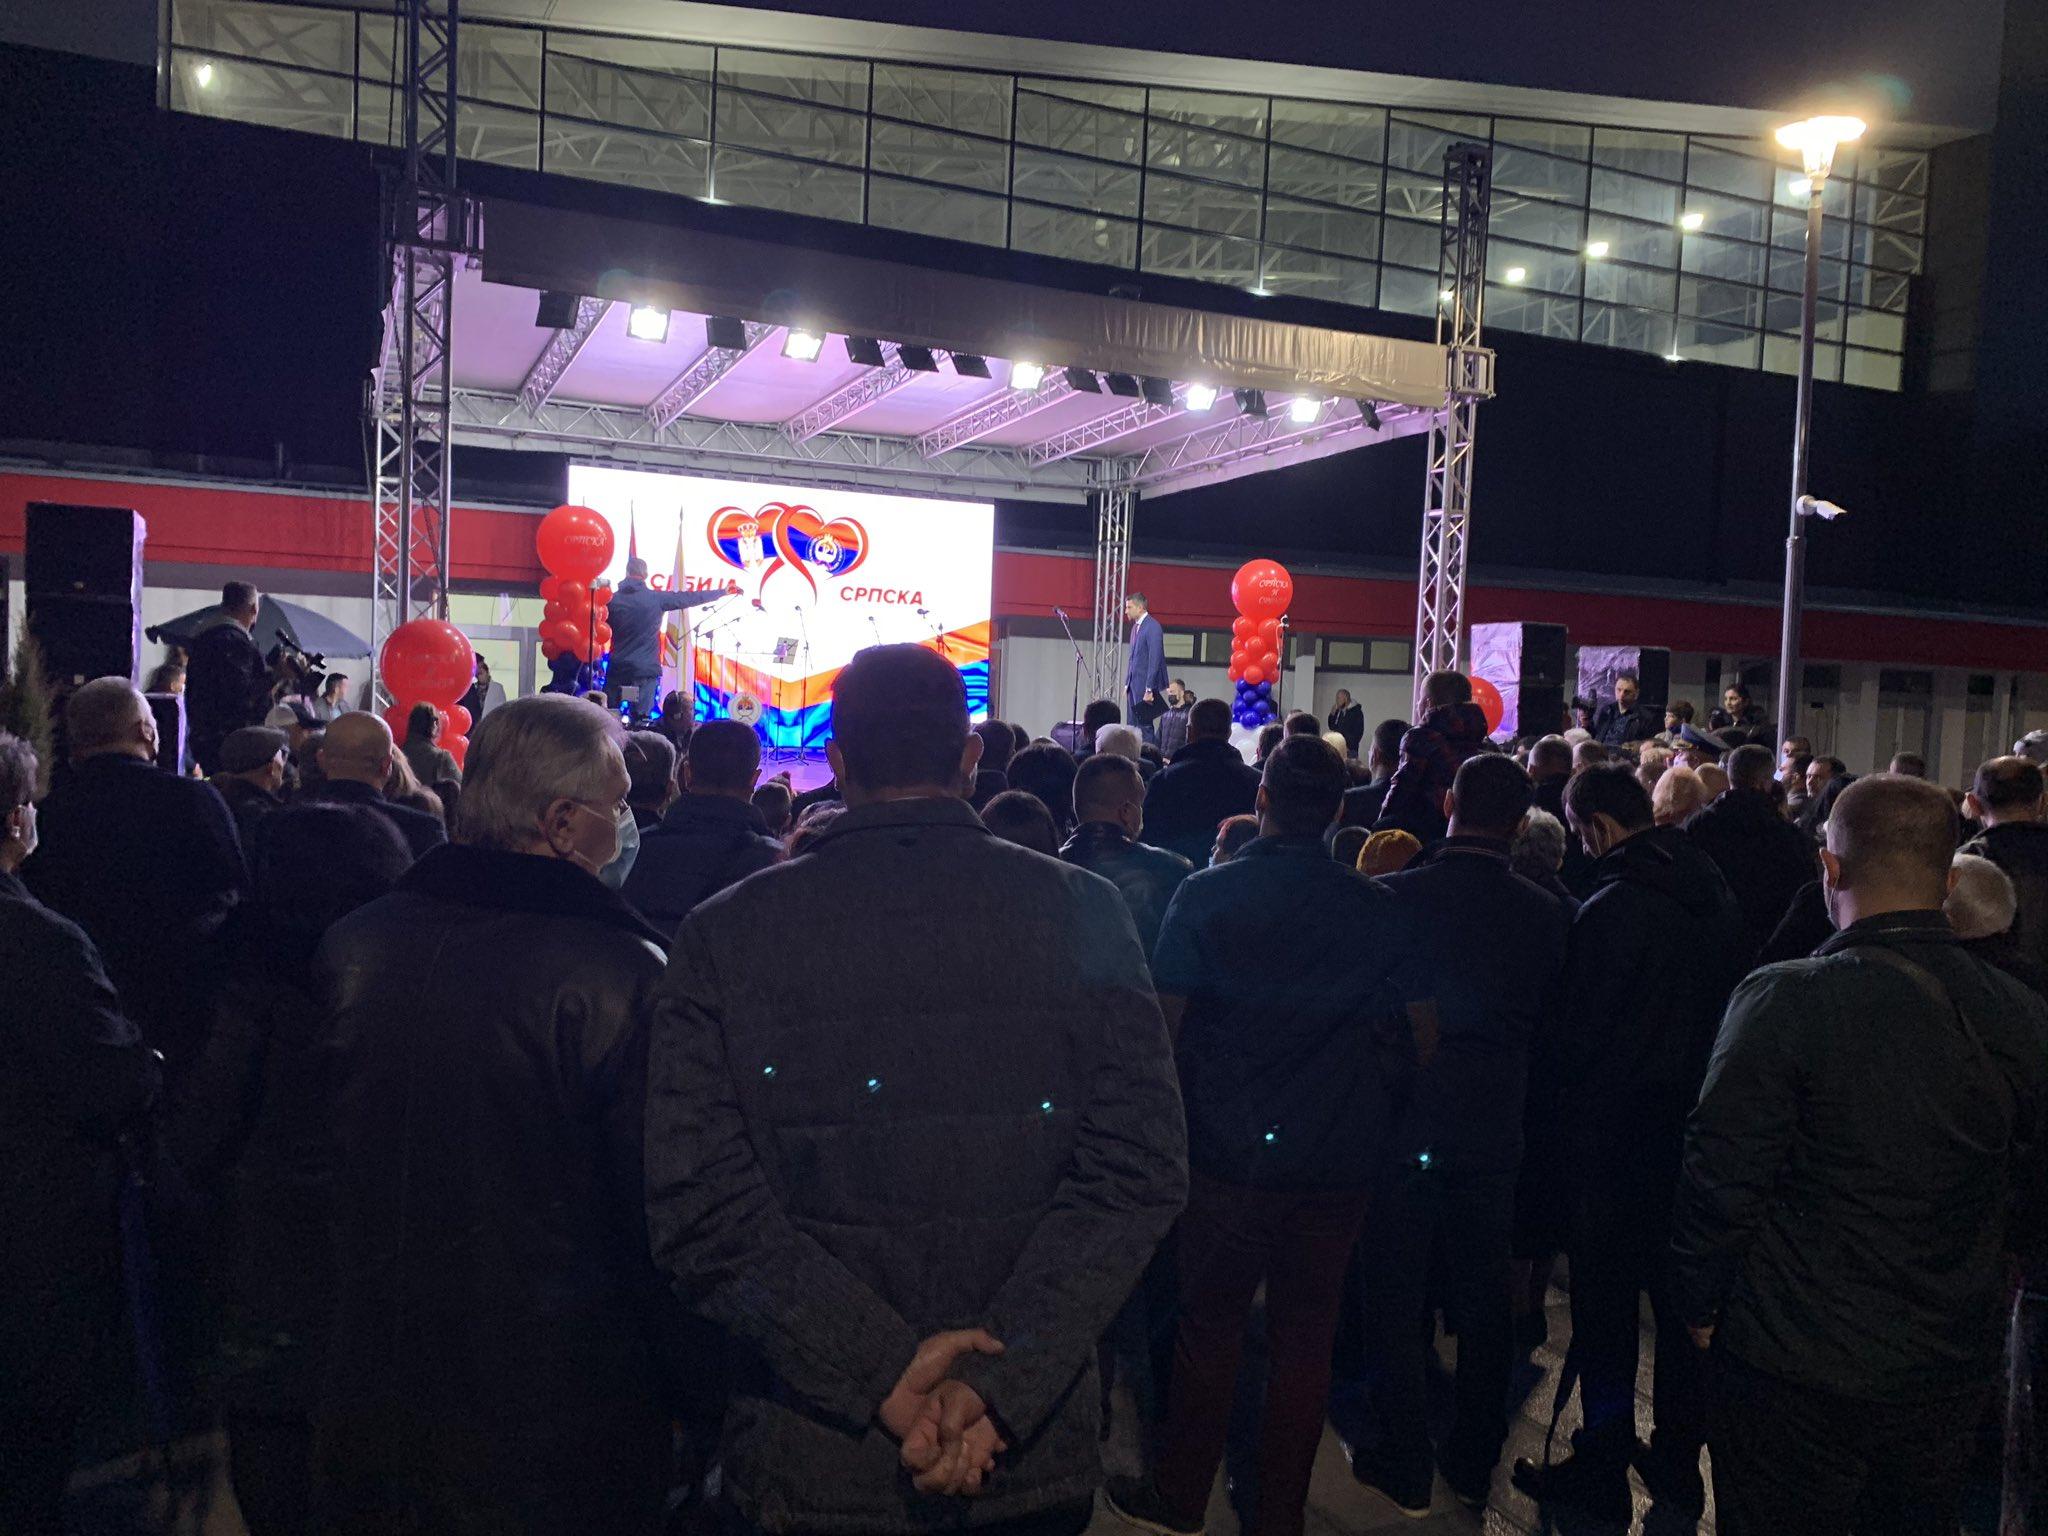 Okupljanje povodom otvaranja Trga Republike u Istočnom novom Sarajevu suprotno epidemiološkim mjerama